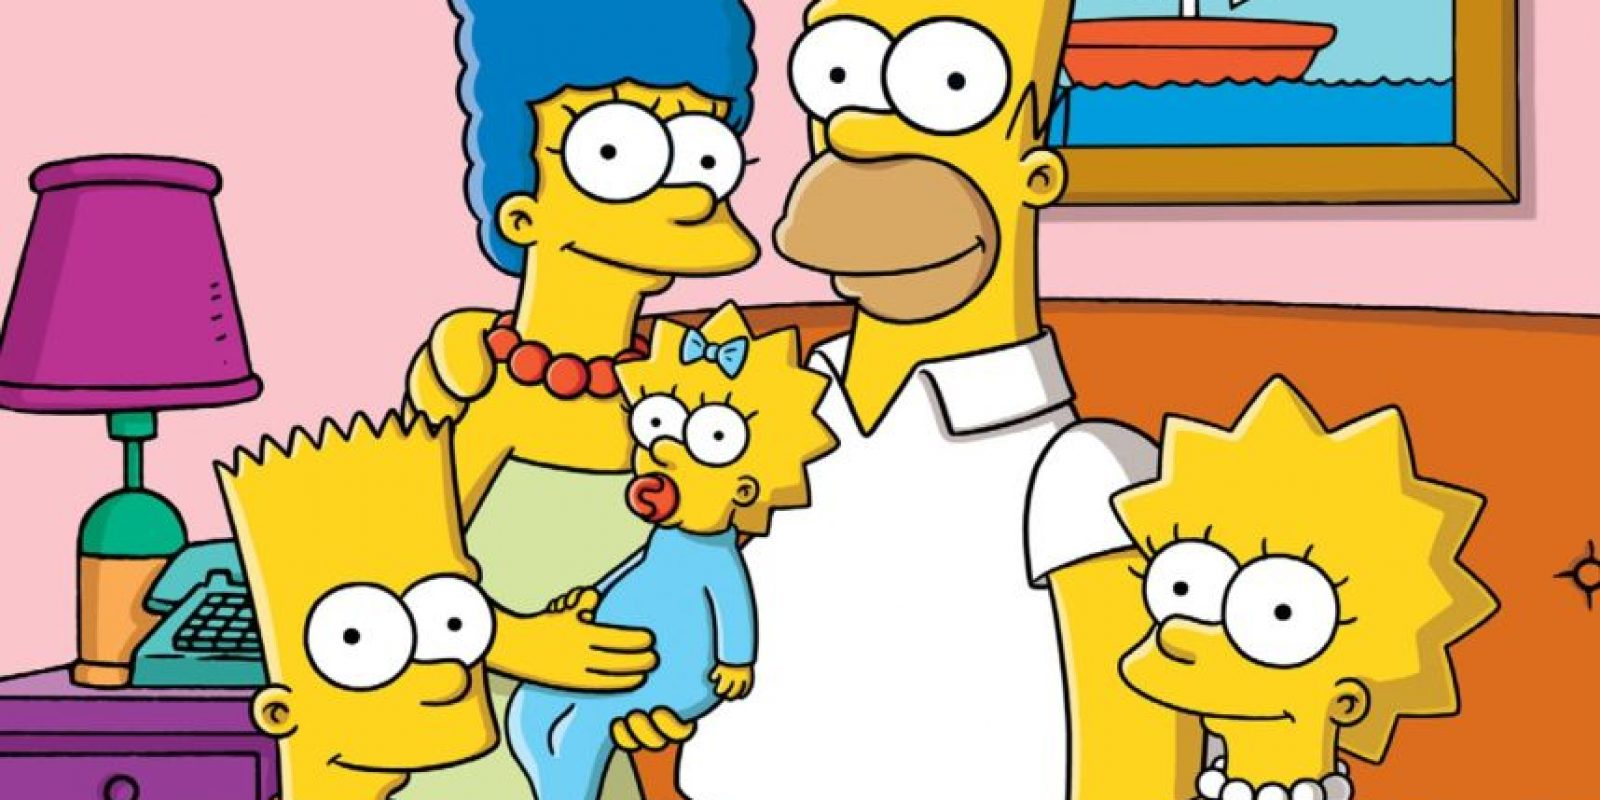 """""""Solo hay 2 tipos de personas que usan esas camisas, los homosexuales y los que viven de reventón, y Bart no vive de reventón"""". Foto:Internet"""